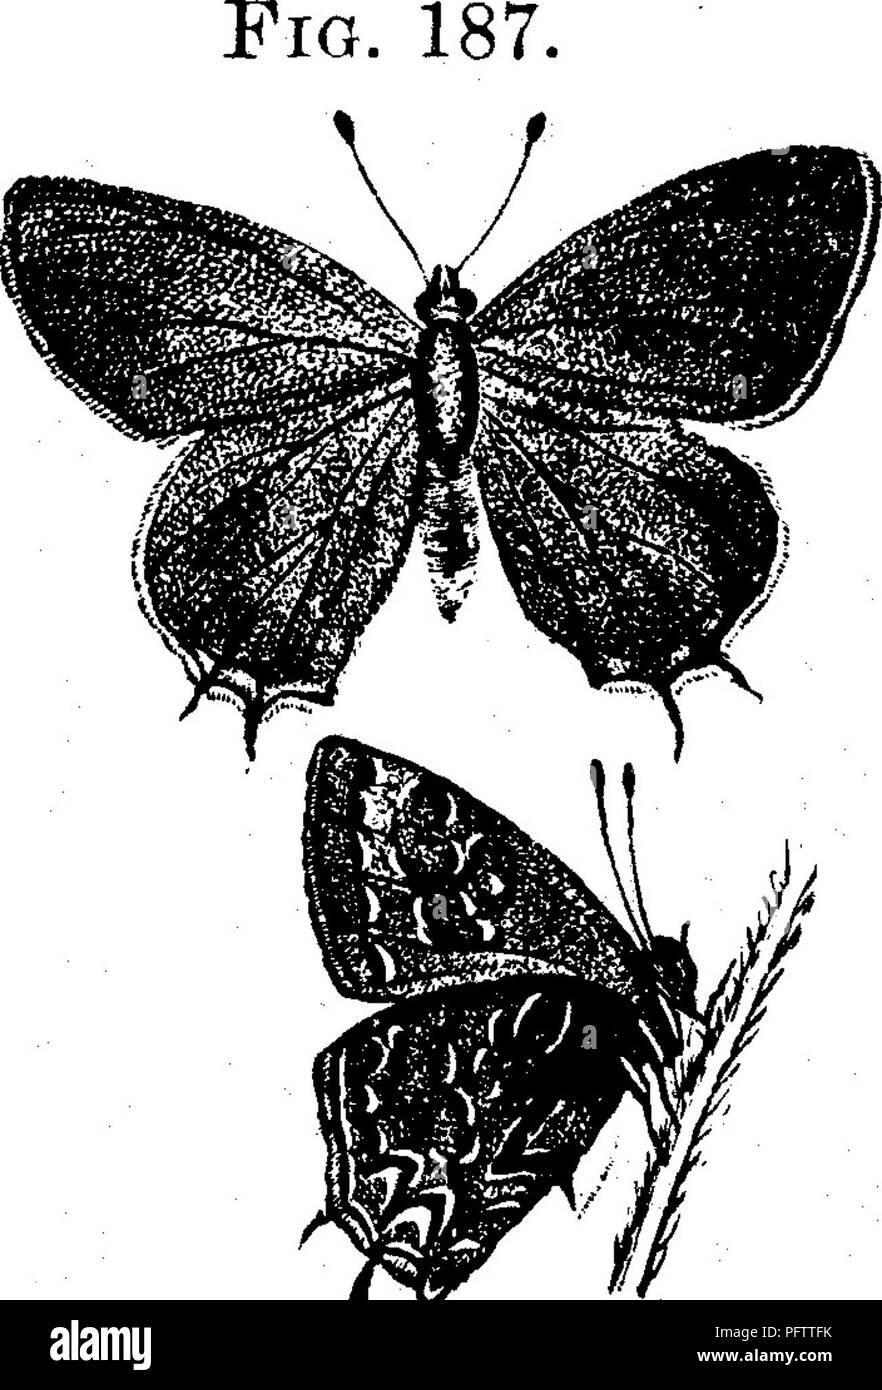 Farfalle nella datazione dello stomaco